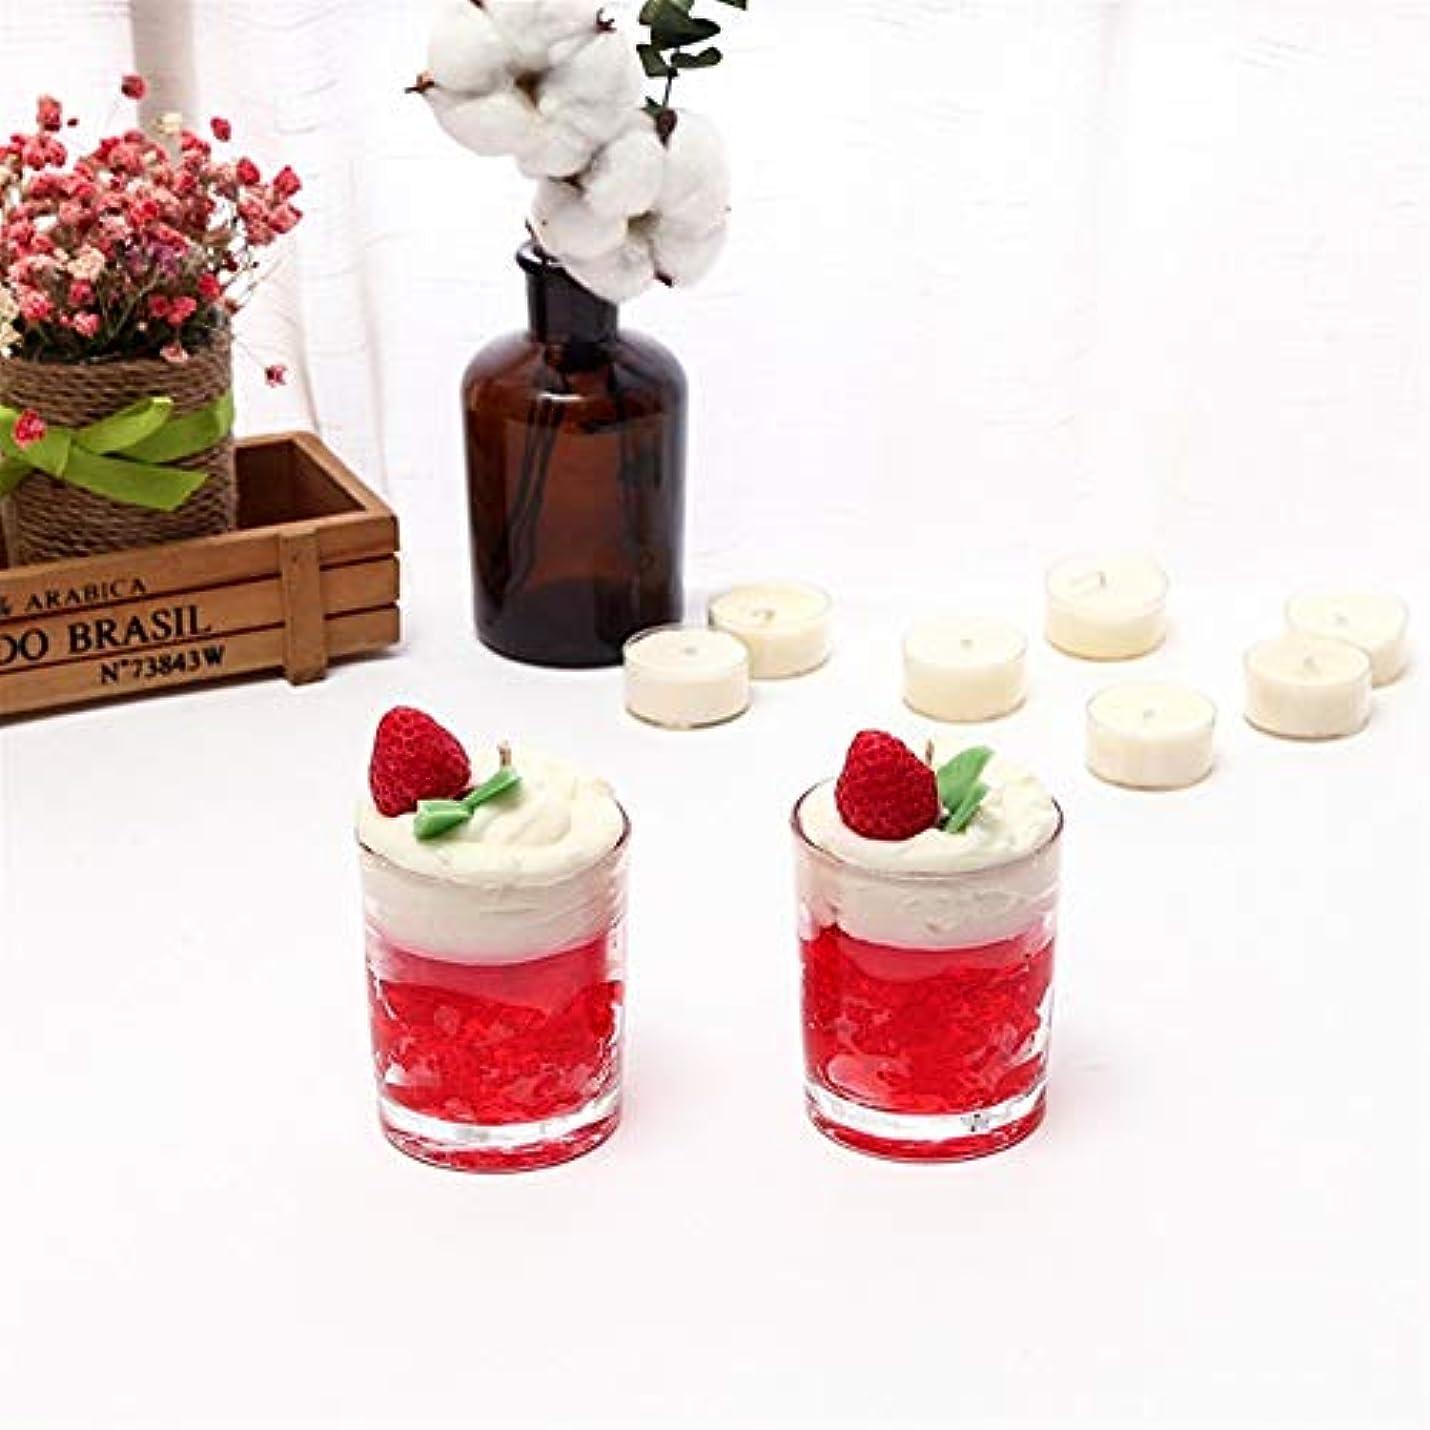 食事を調理するスクラブスパイラルGuomao アイスクリームキャンドルシンプルなガラス瓶アロマセラピーガラスカップ無毒な環境保護 (色 : Night scent)